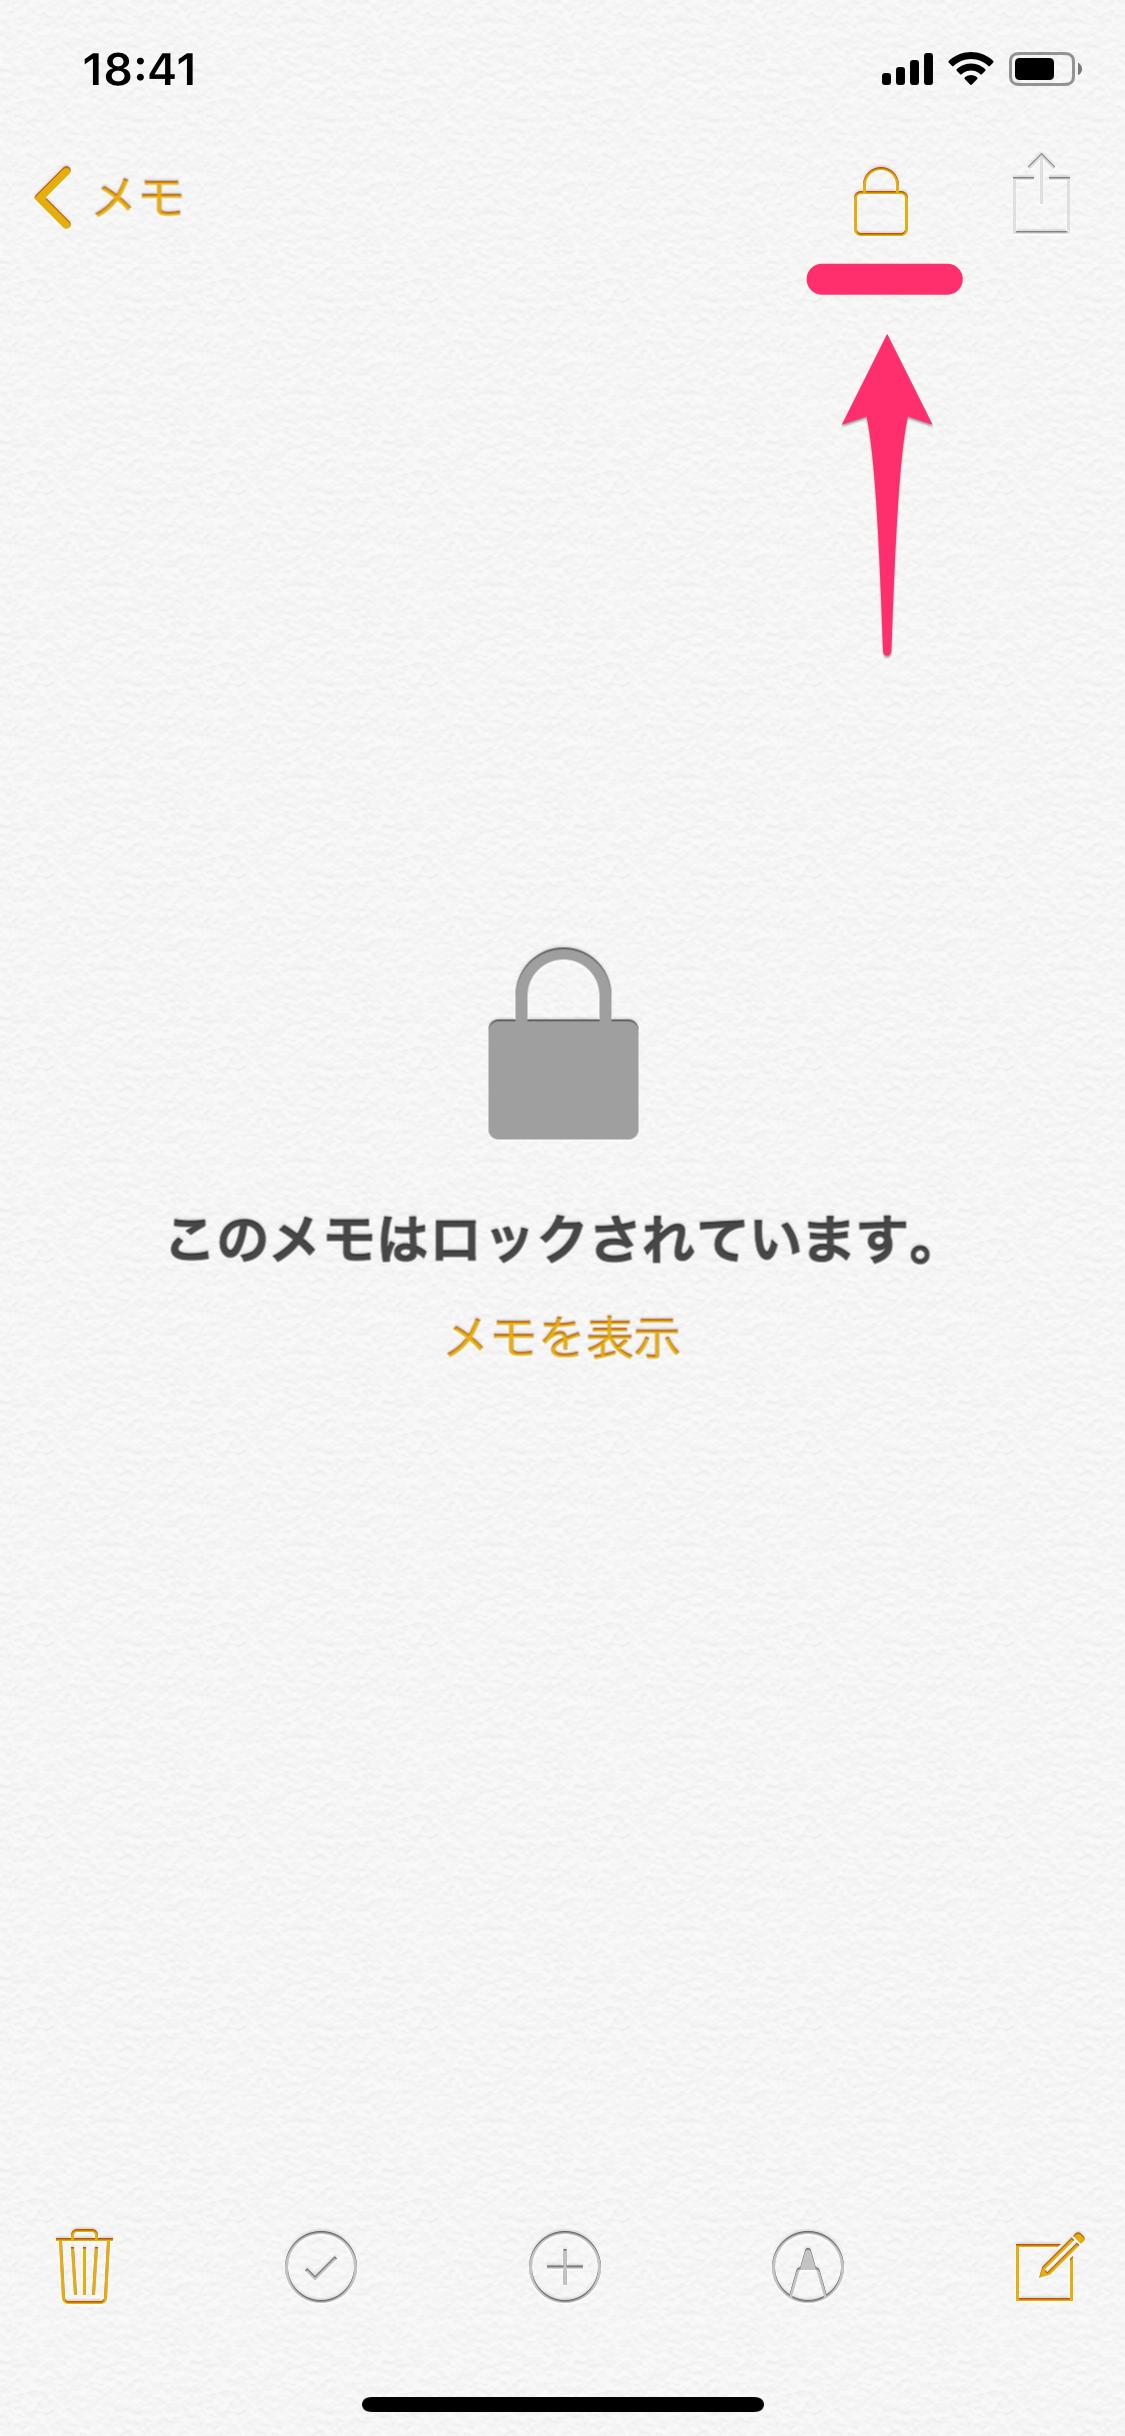 知ってた? iPhoneのメモをパスワードでロックする方法。重要な情報をしっかり守ろう